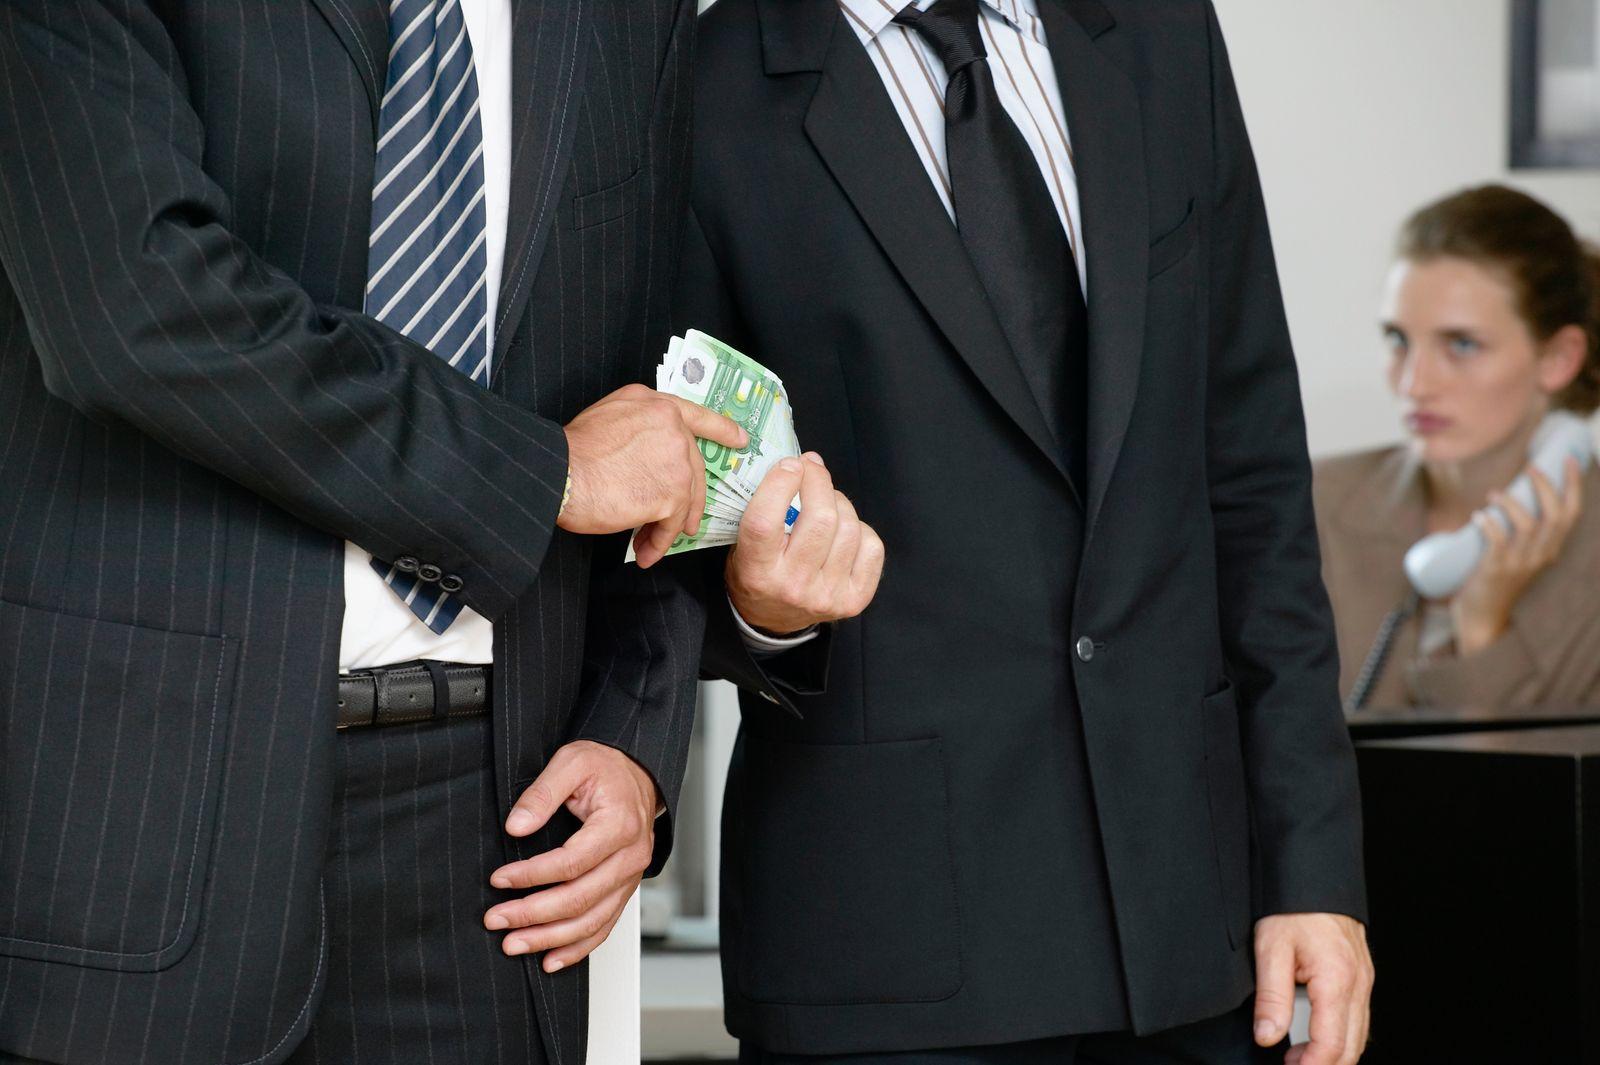 NICHT MEHR VERWENDEN! - Korruption / Bestechung / Schmiergeld